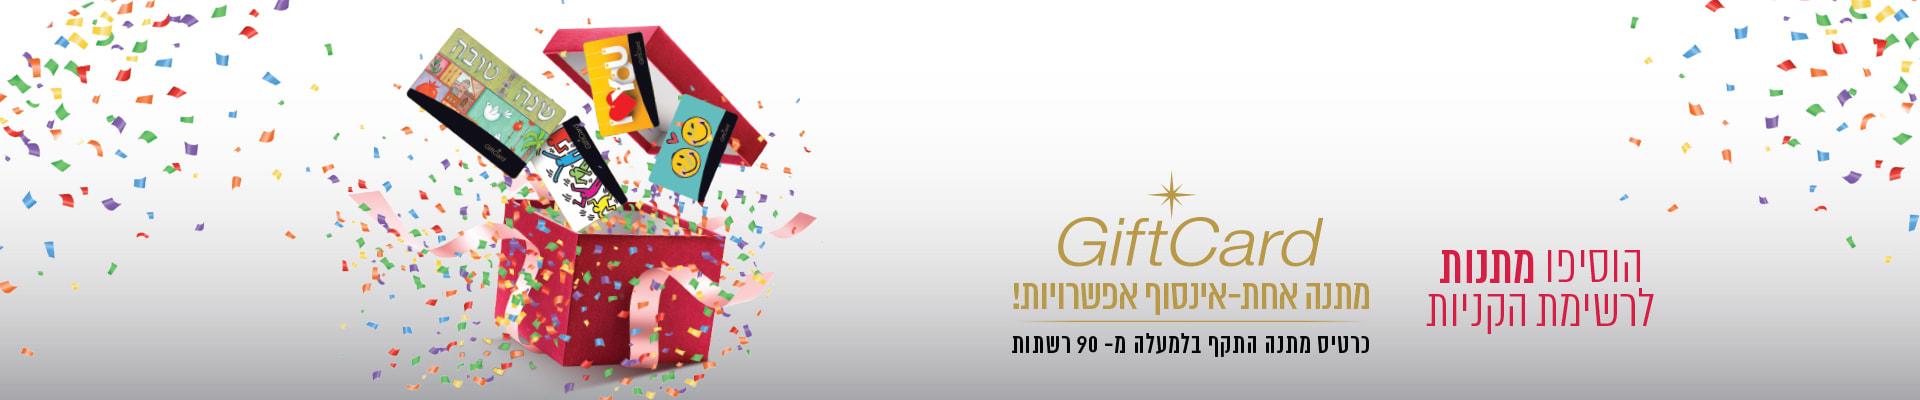 הוסיפו מתנות לרשימת הקניות: GIFTCARD מתנה אחת – אינסוף אפשרויות! כרטיס מתנה התקף בלמעלה מ-90 רשתות!